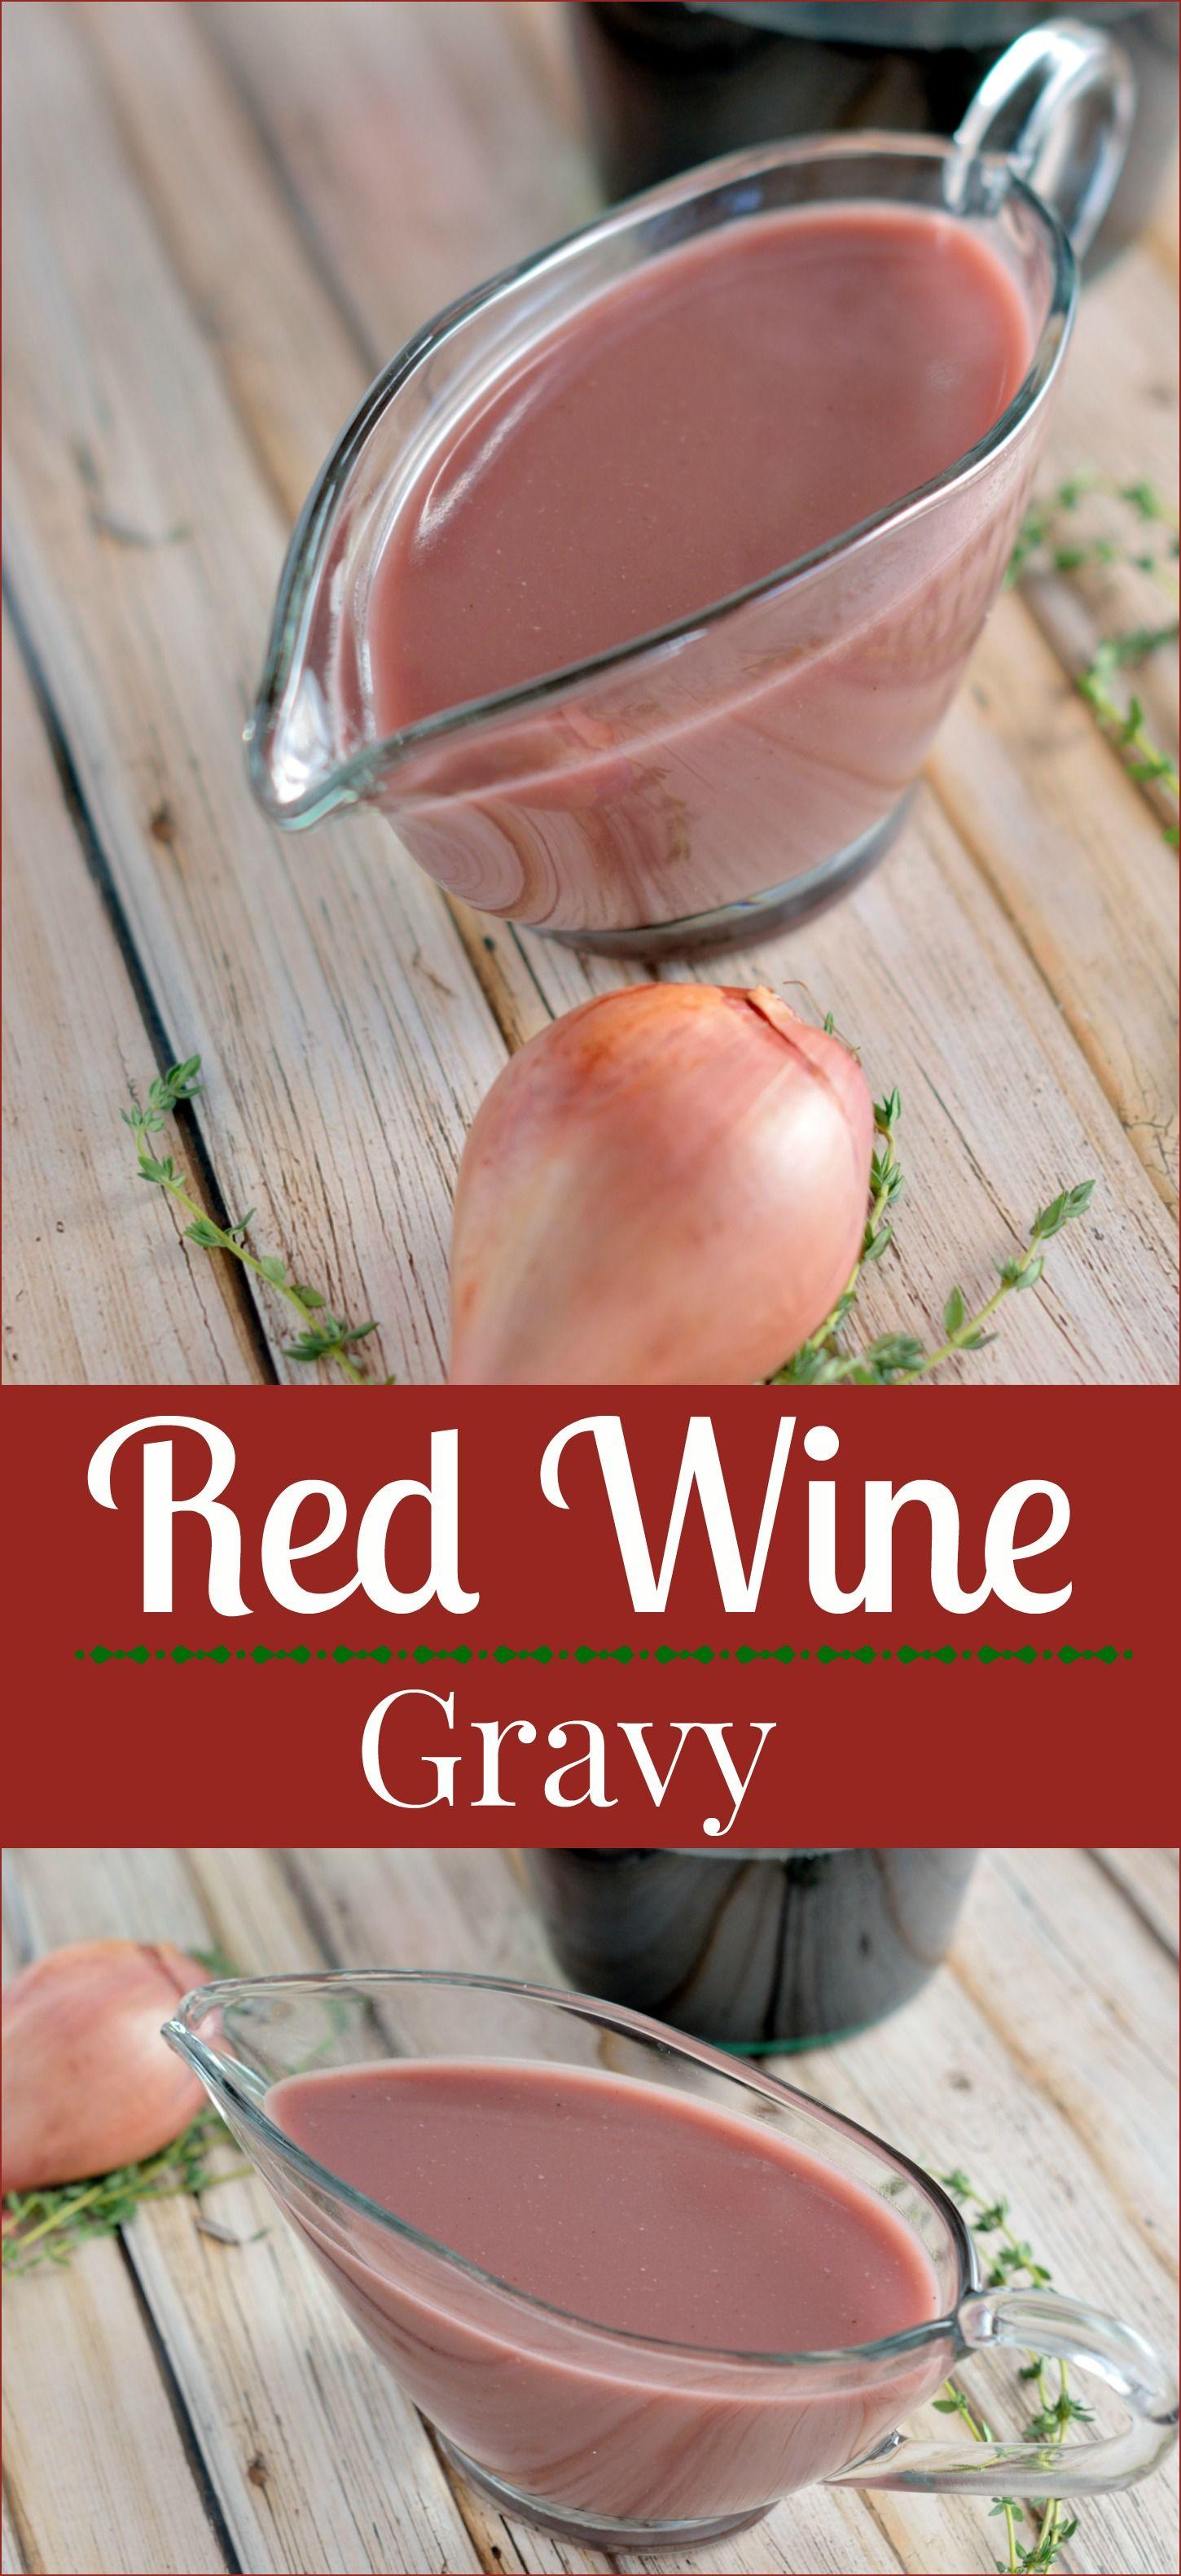 Red Wine Gravy Red Wine Gravy Homemade Gravy Recipe Recipes